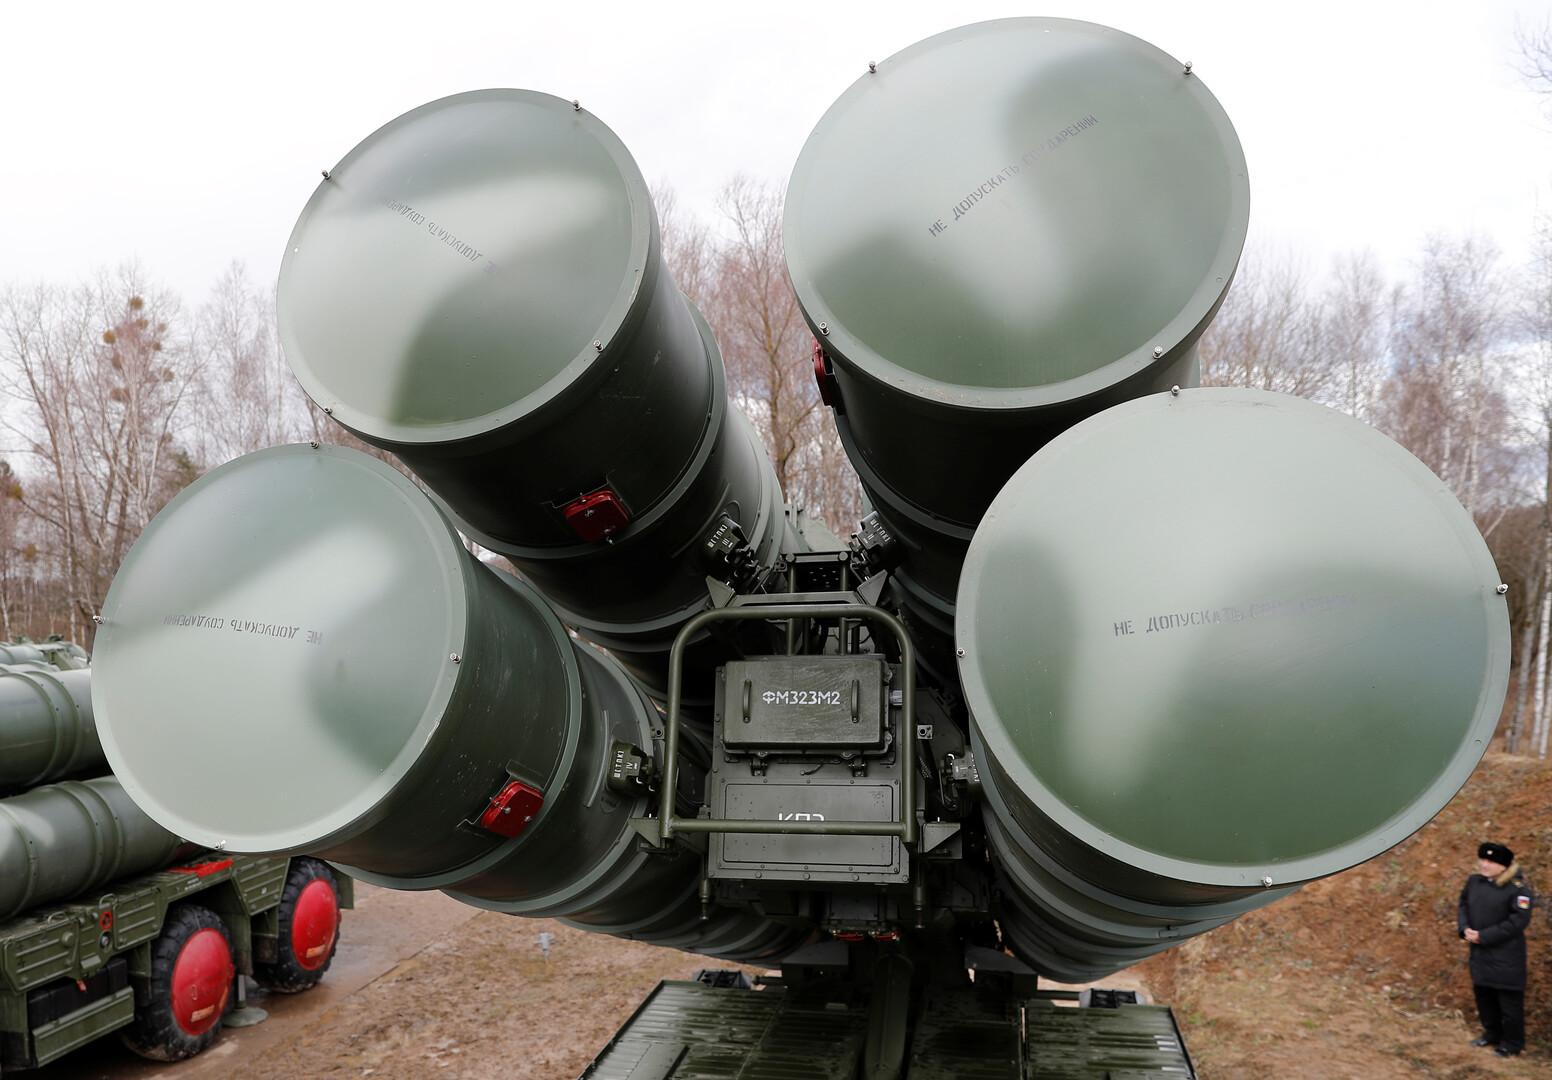 إس-400 يمكن أن تظهر جوار إسرائيل